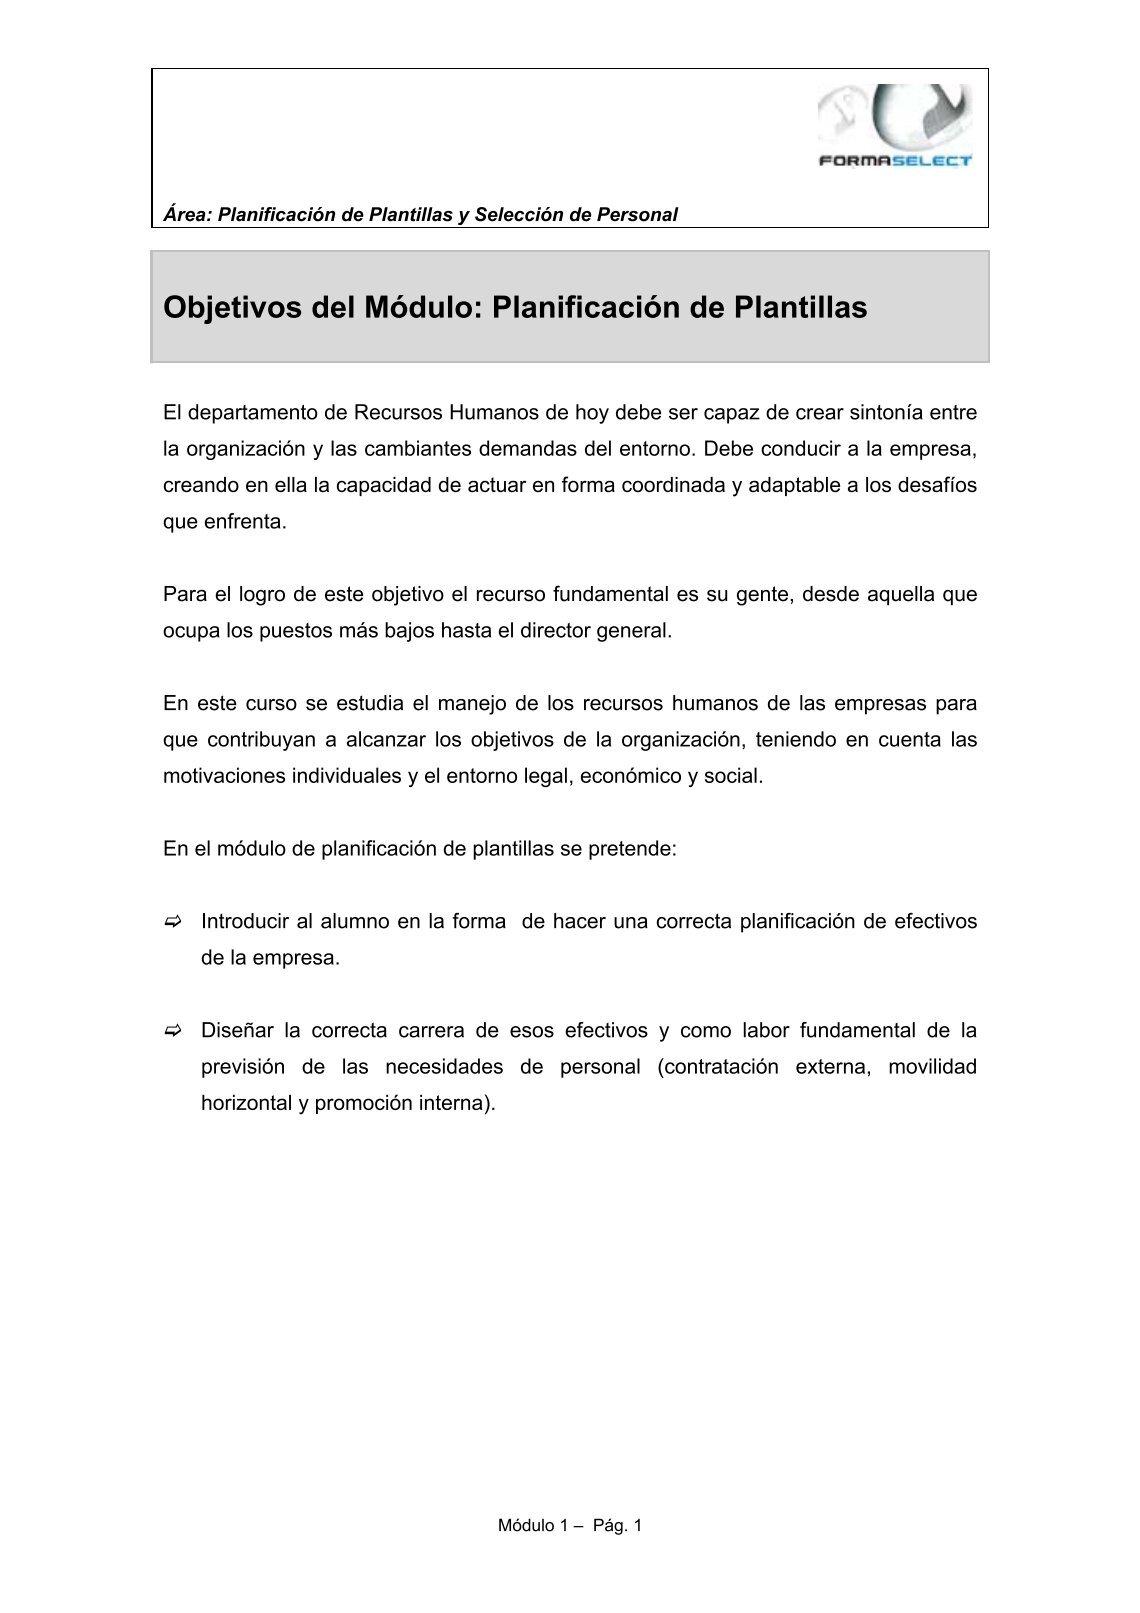 Asombroso Plantillas De Objetivos Patrón - Ejemplo De Colección De ...